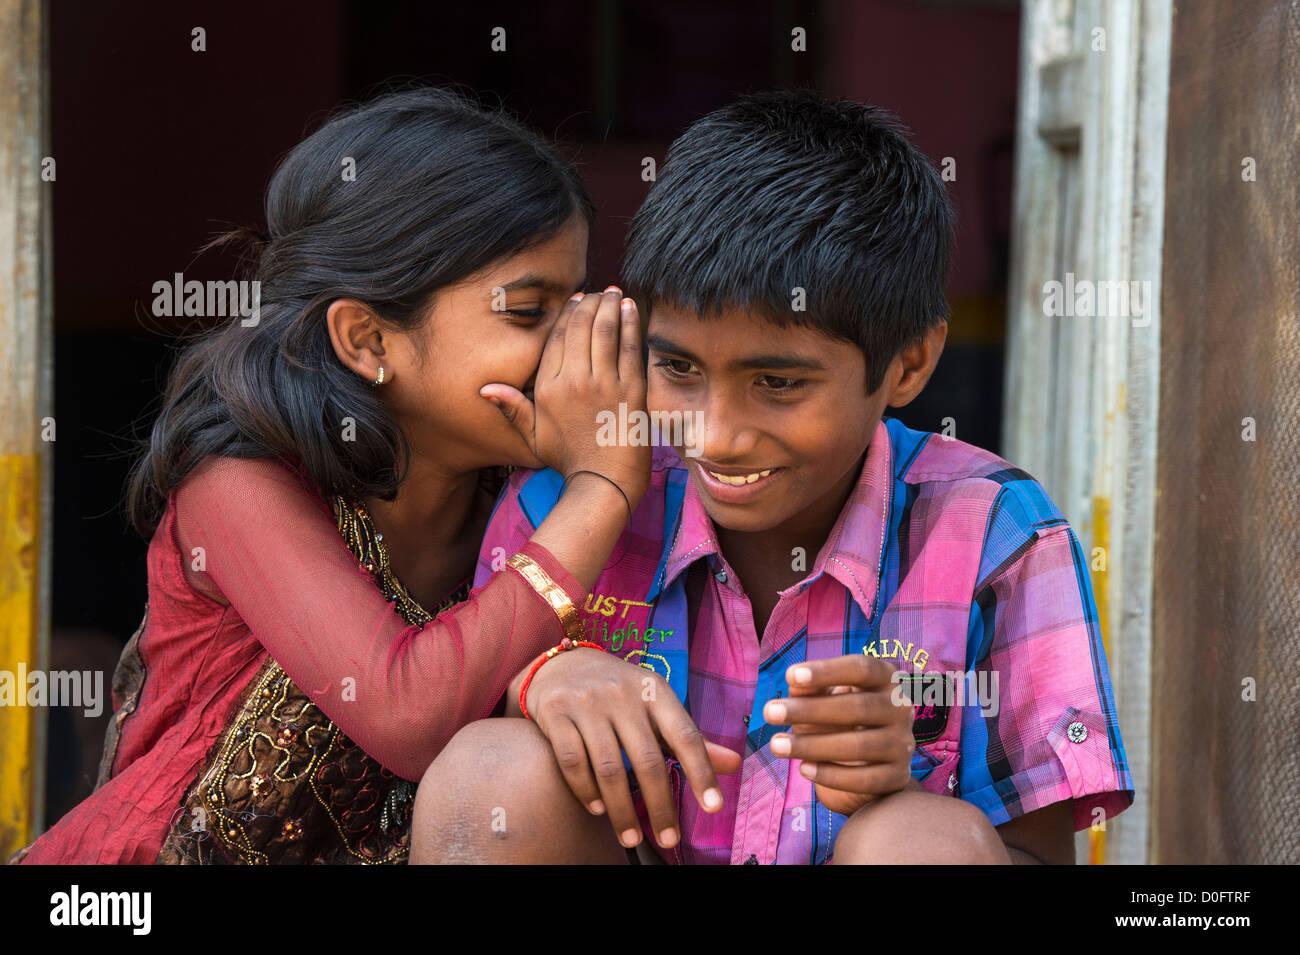 Joven indígena susurrando a un niño fuera de su hogar viilage indio rural. En Andhra Pradesh, India Foto de stock